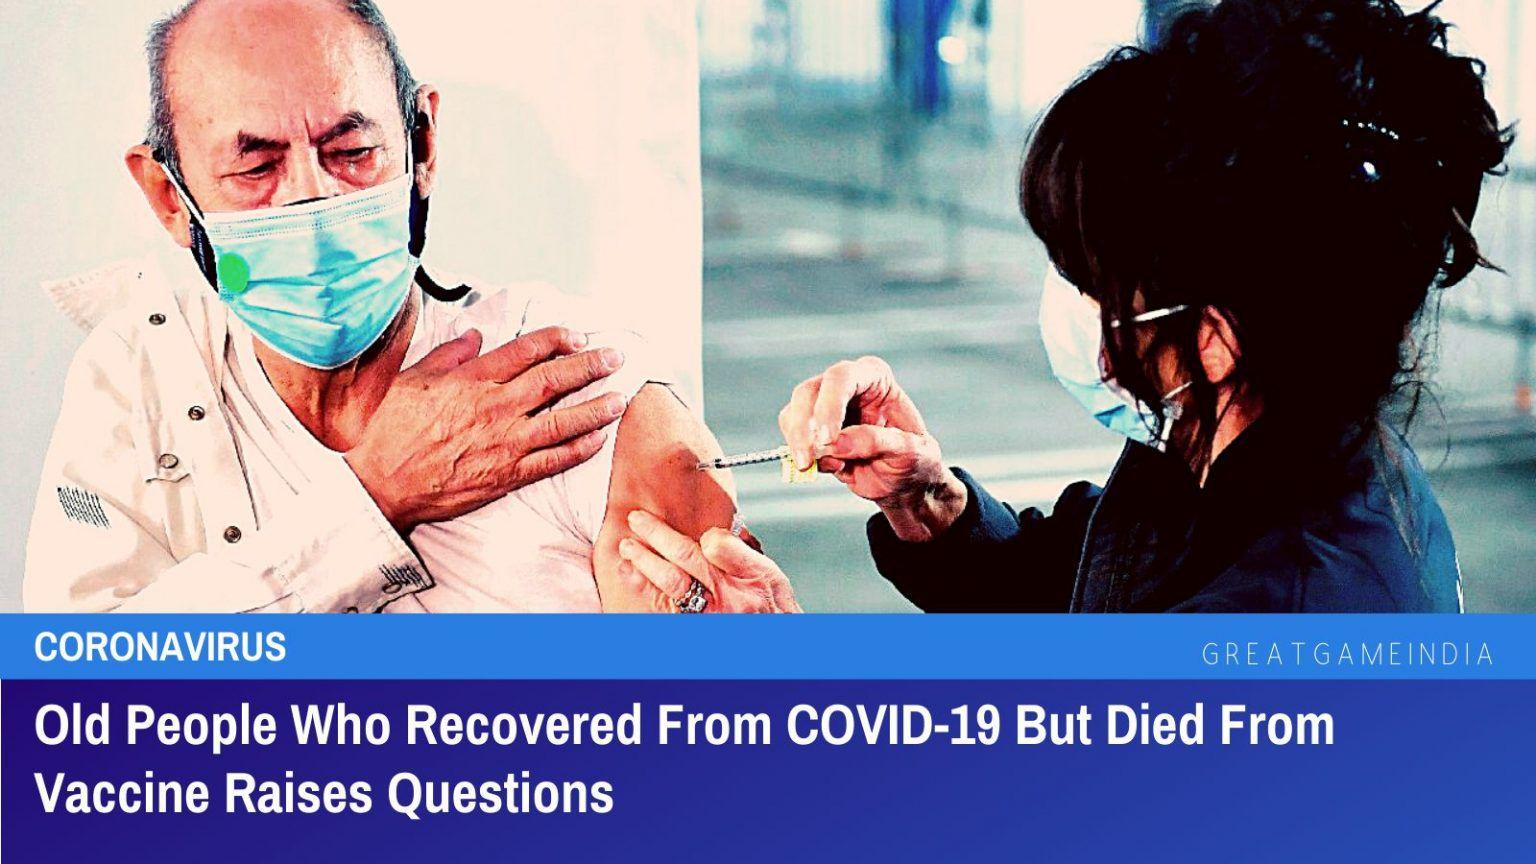 Las personas mayores que se han recuperado de COVID-19 pero que han muerto a causa de la vacuna plantean dudas sobre la eficacia de la misma